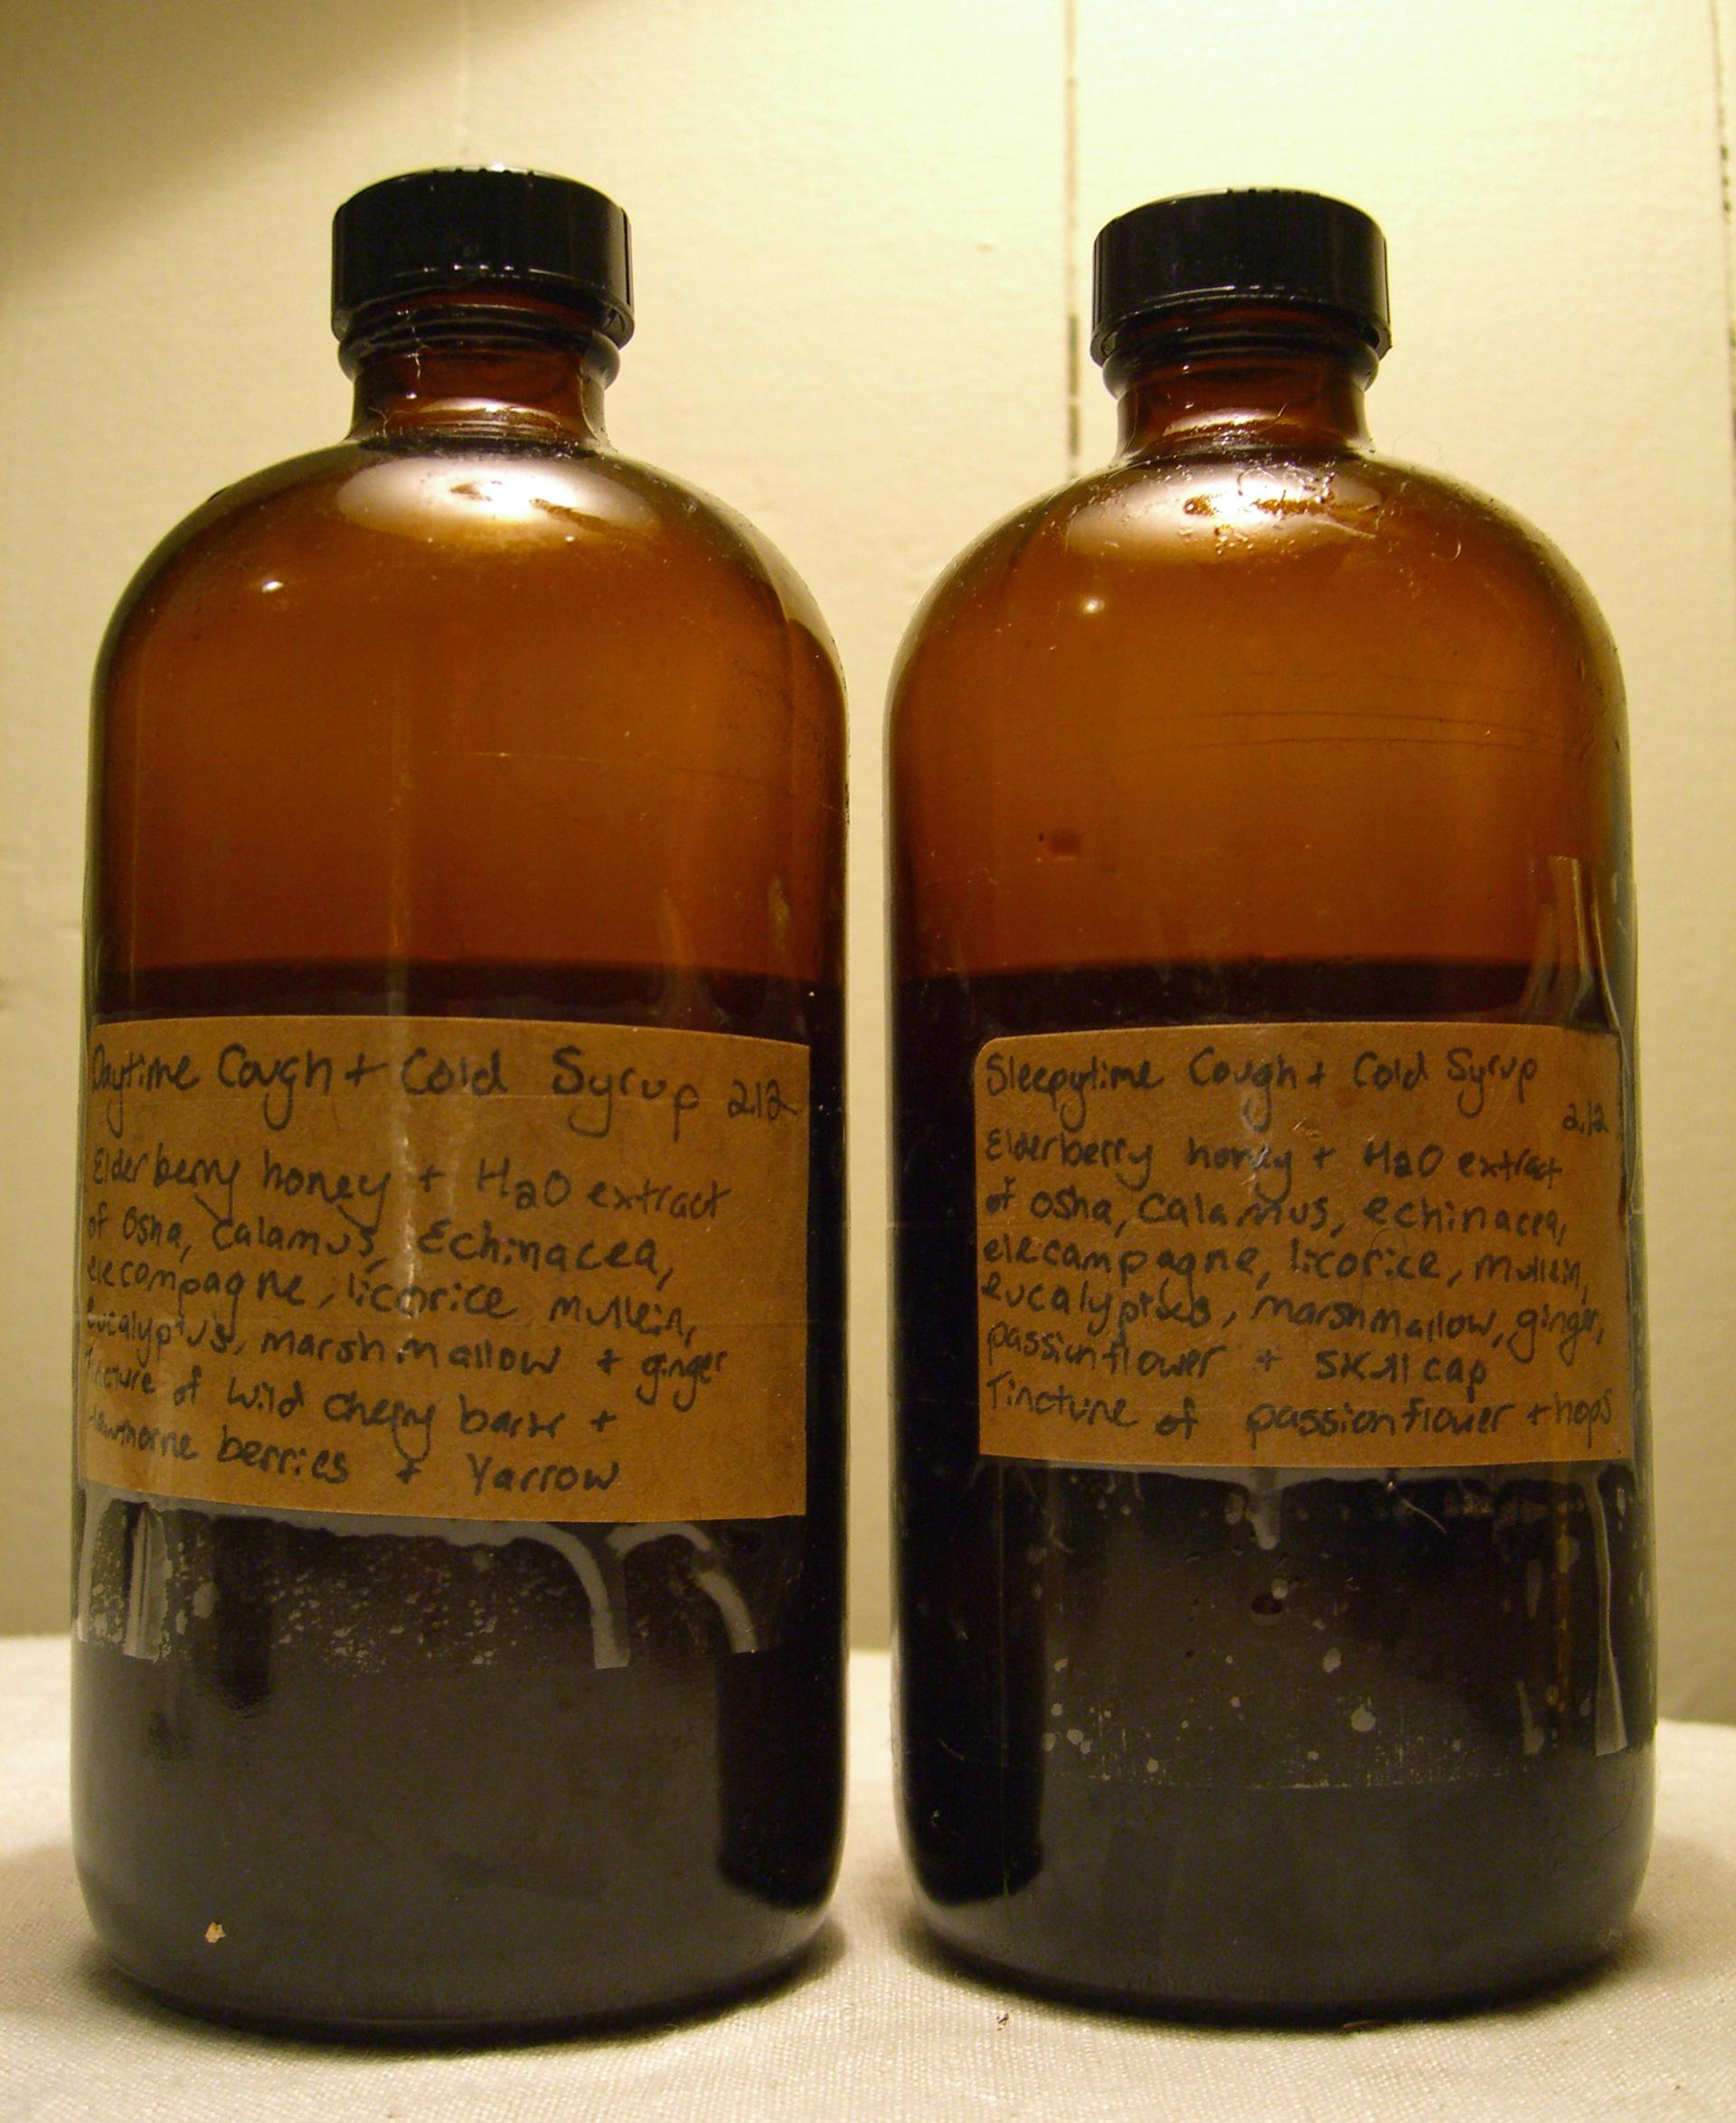 Herbally Healing Bronchitis // Sick Days & Making Syrup